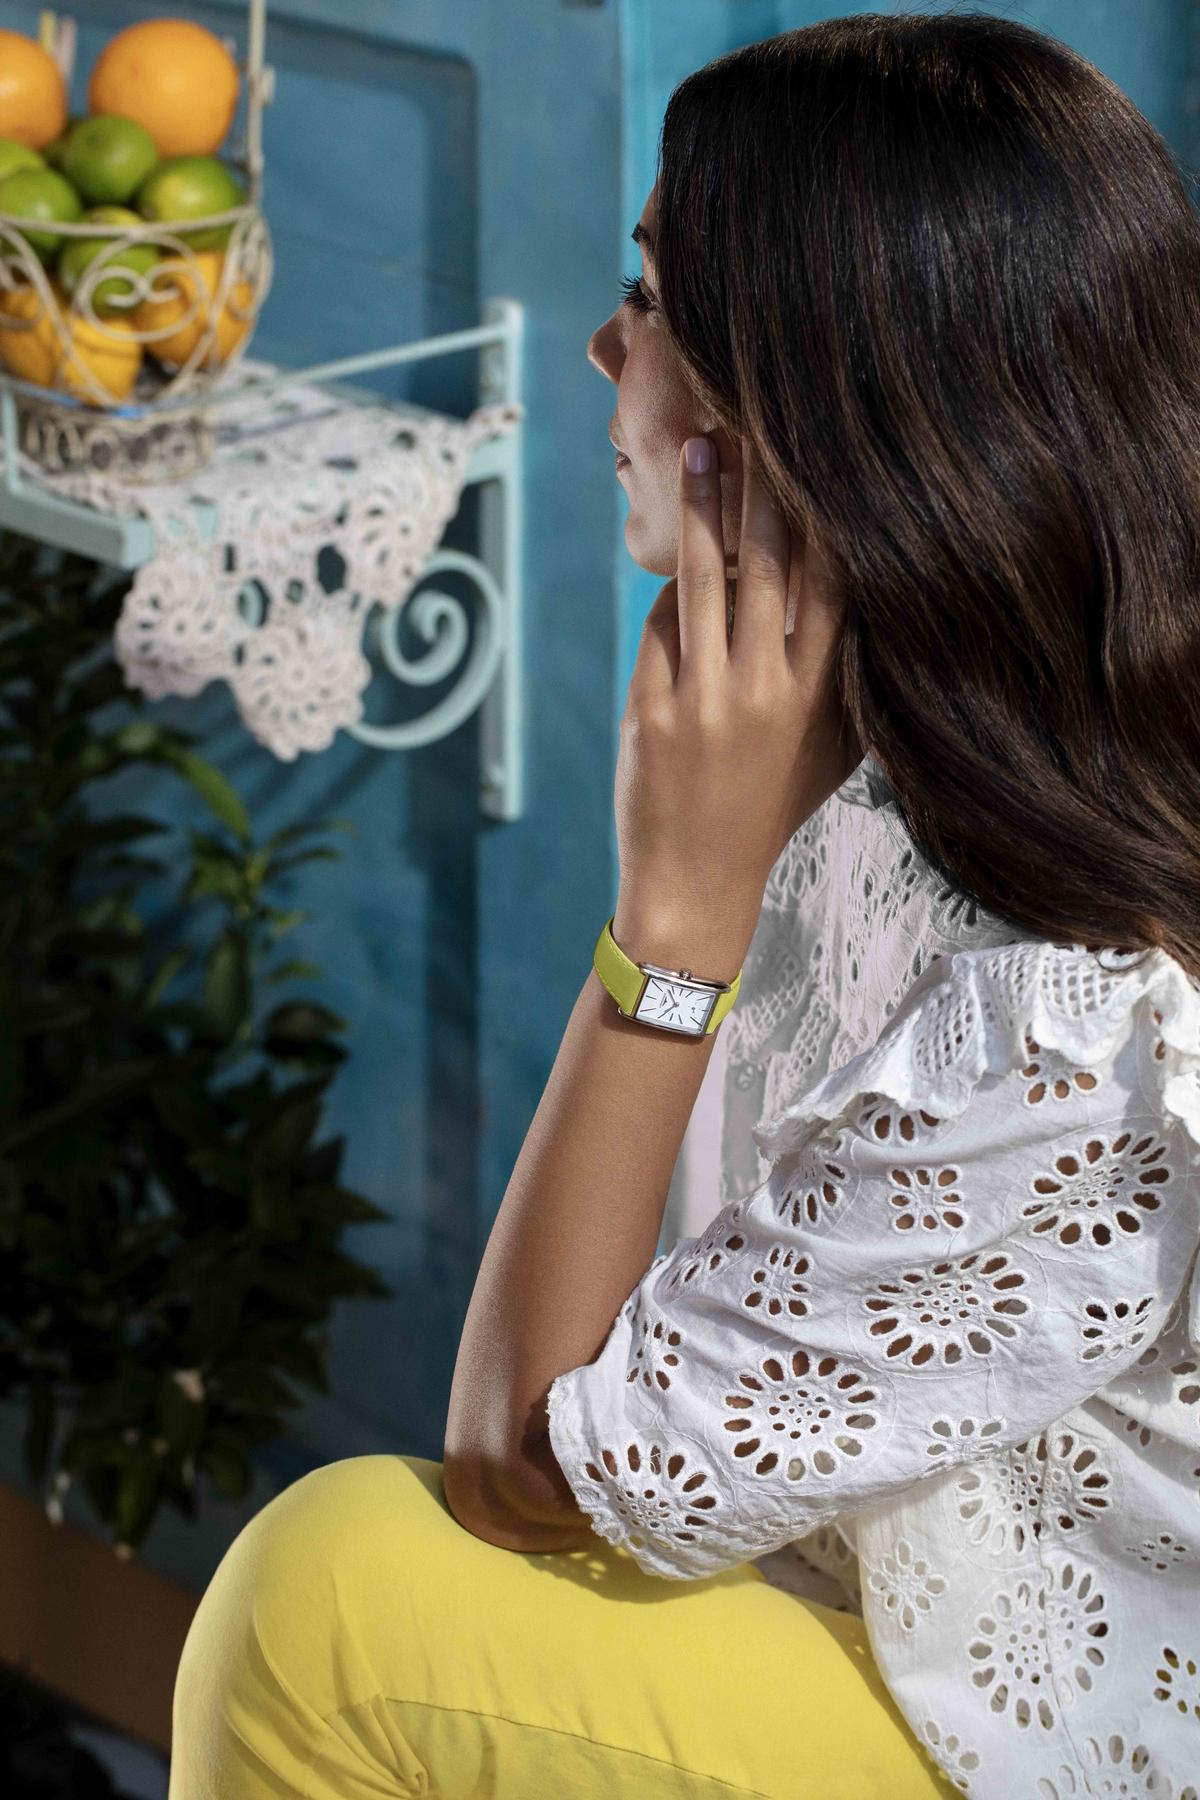 多彩一夏!浪琴表DolceVita多情系列新推「可拆換彩色錶帶」8色!